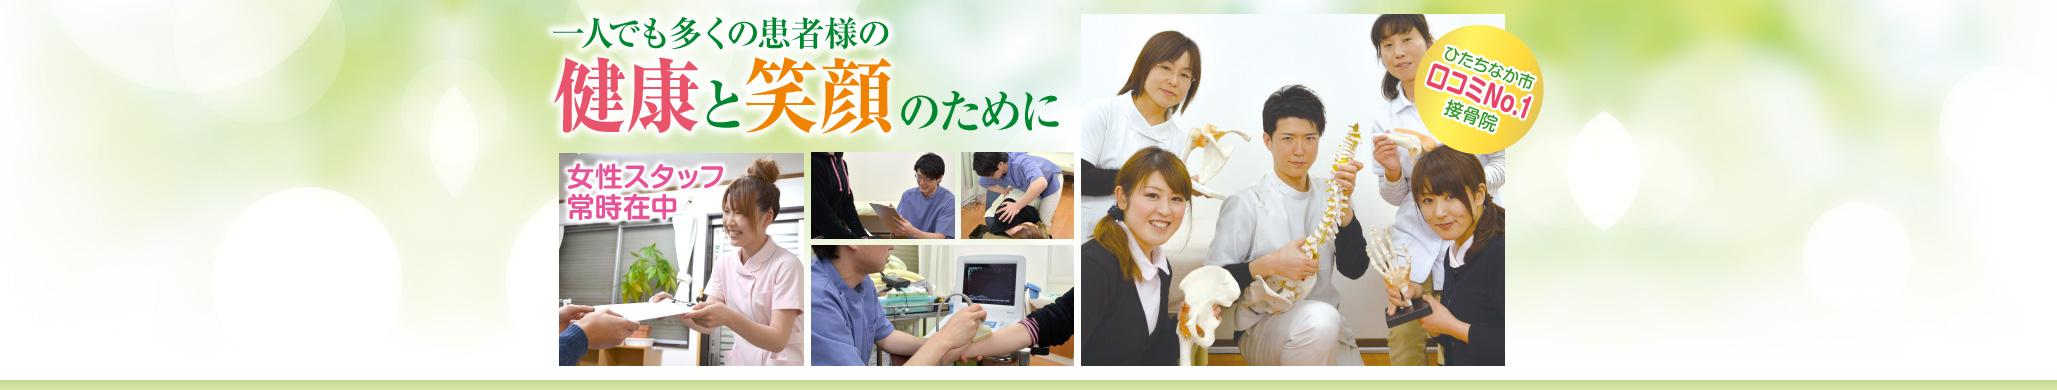 一人でも多くの患者様の健康と笑顔のために 女性スタッフが常時在中女性一人でも安心してご来院頂けます!ひたちなか市の口コミ実績NO1の「なか名倉堂接骨院」